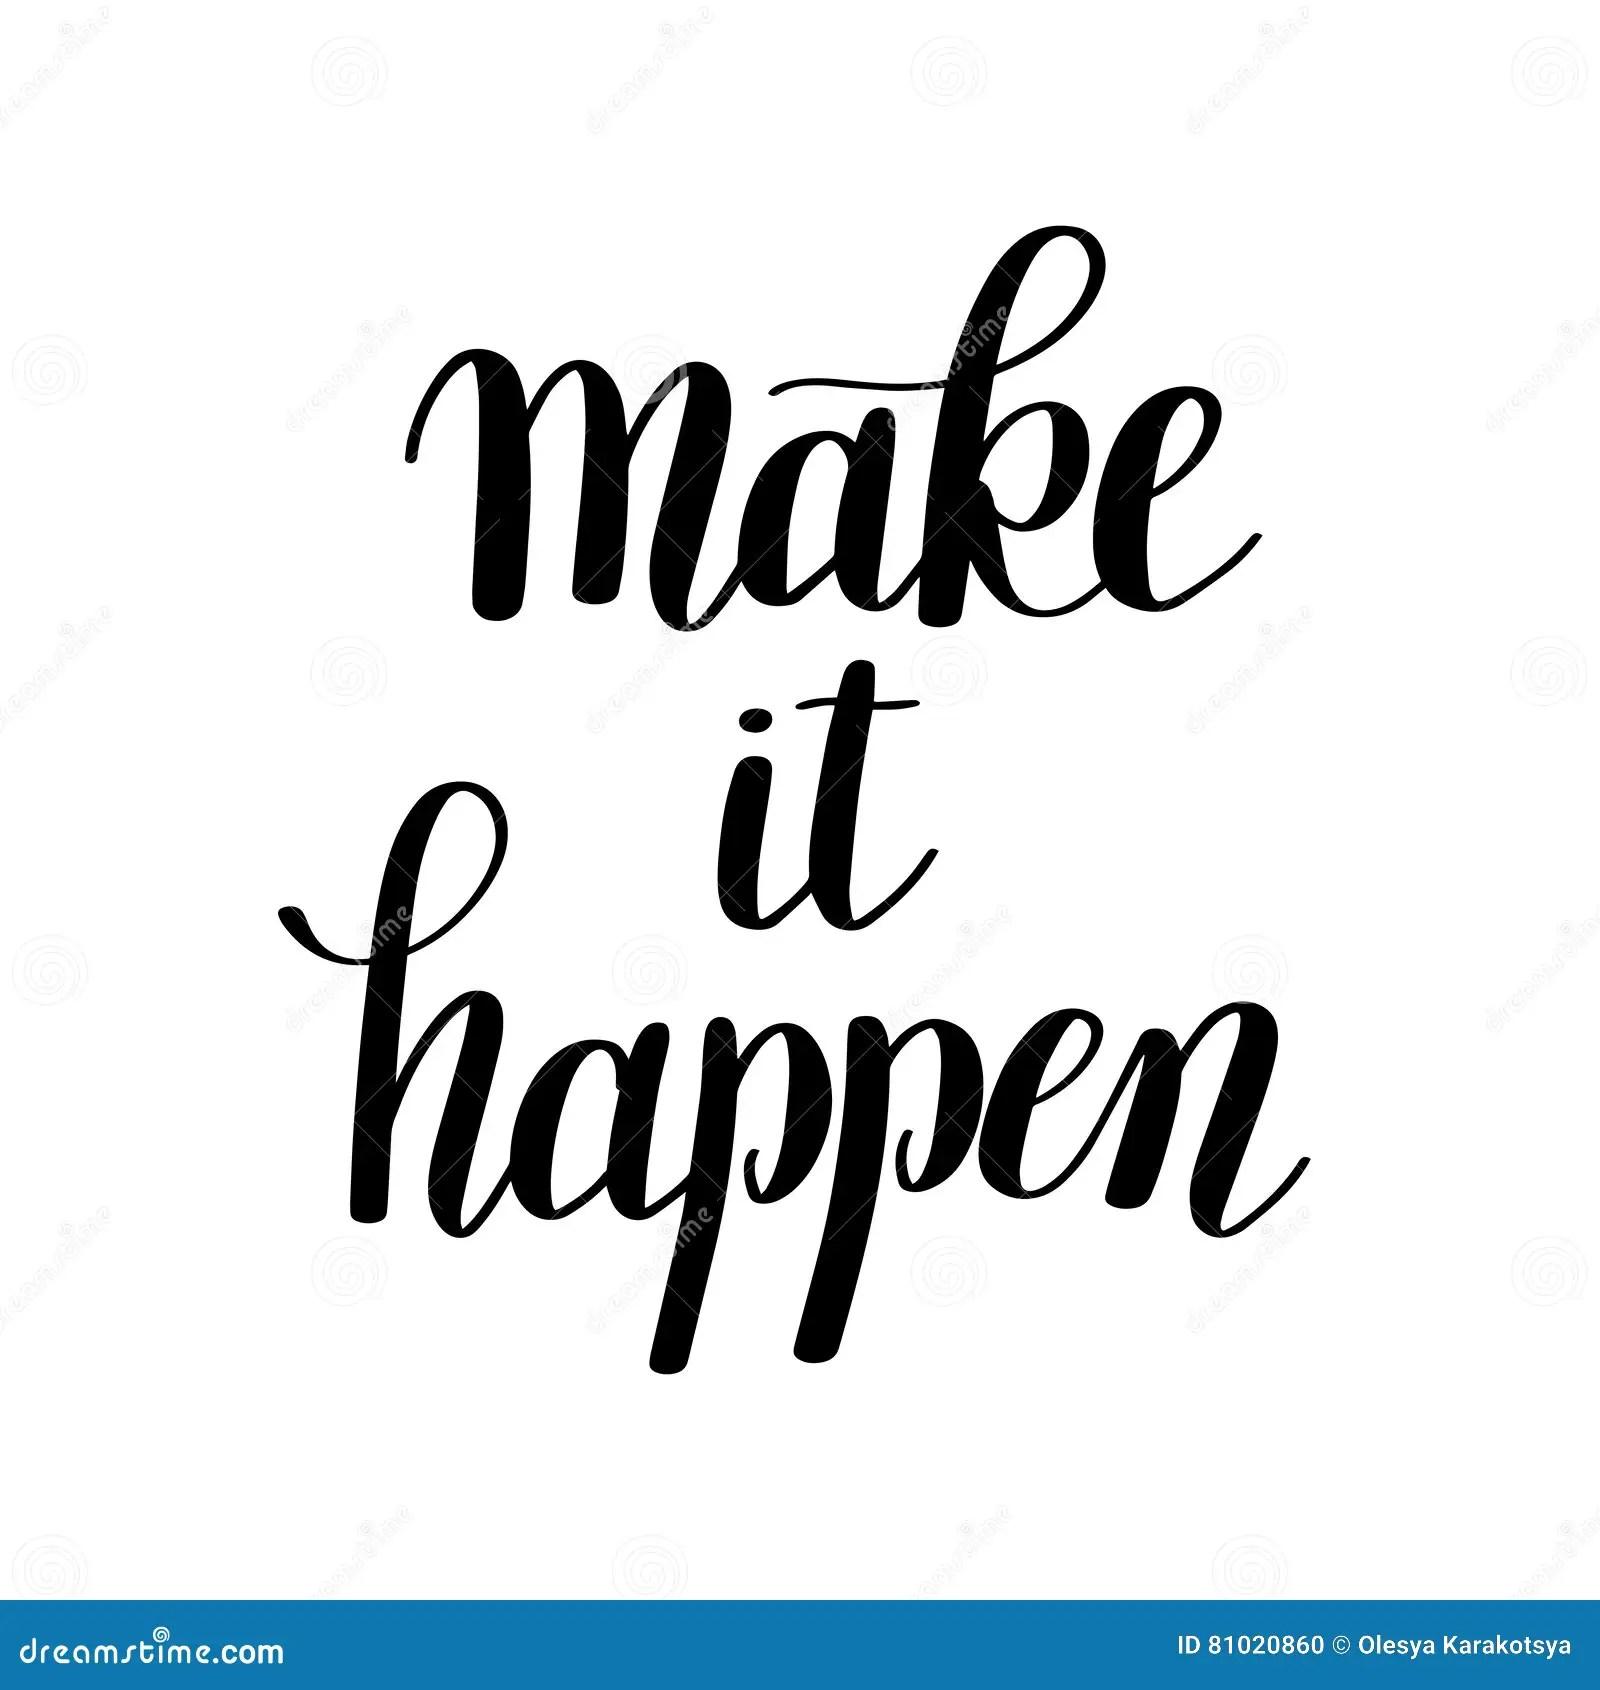 Make It Happen Handwritten Positive Inspirational Quote